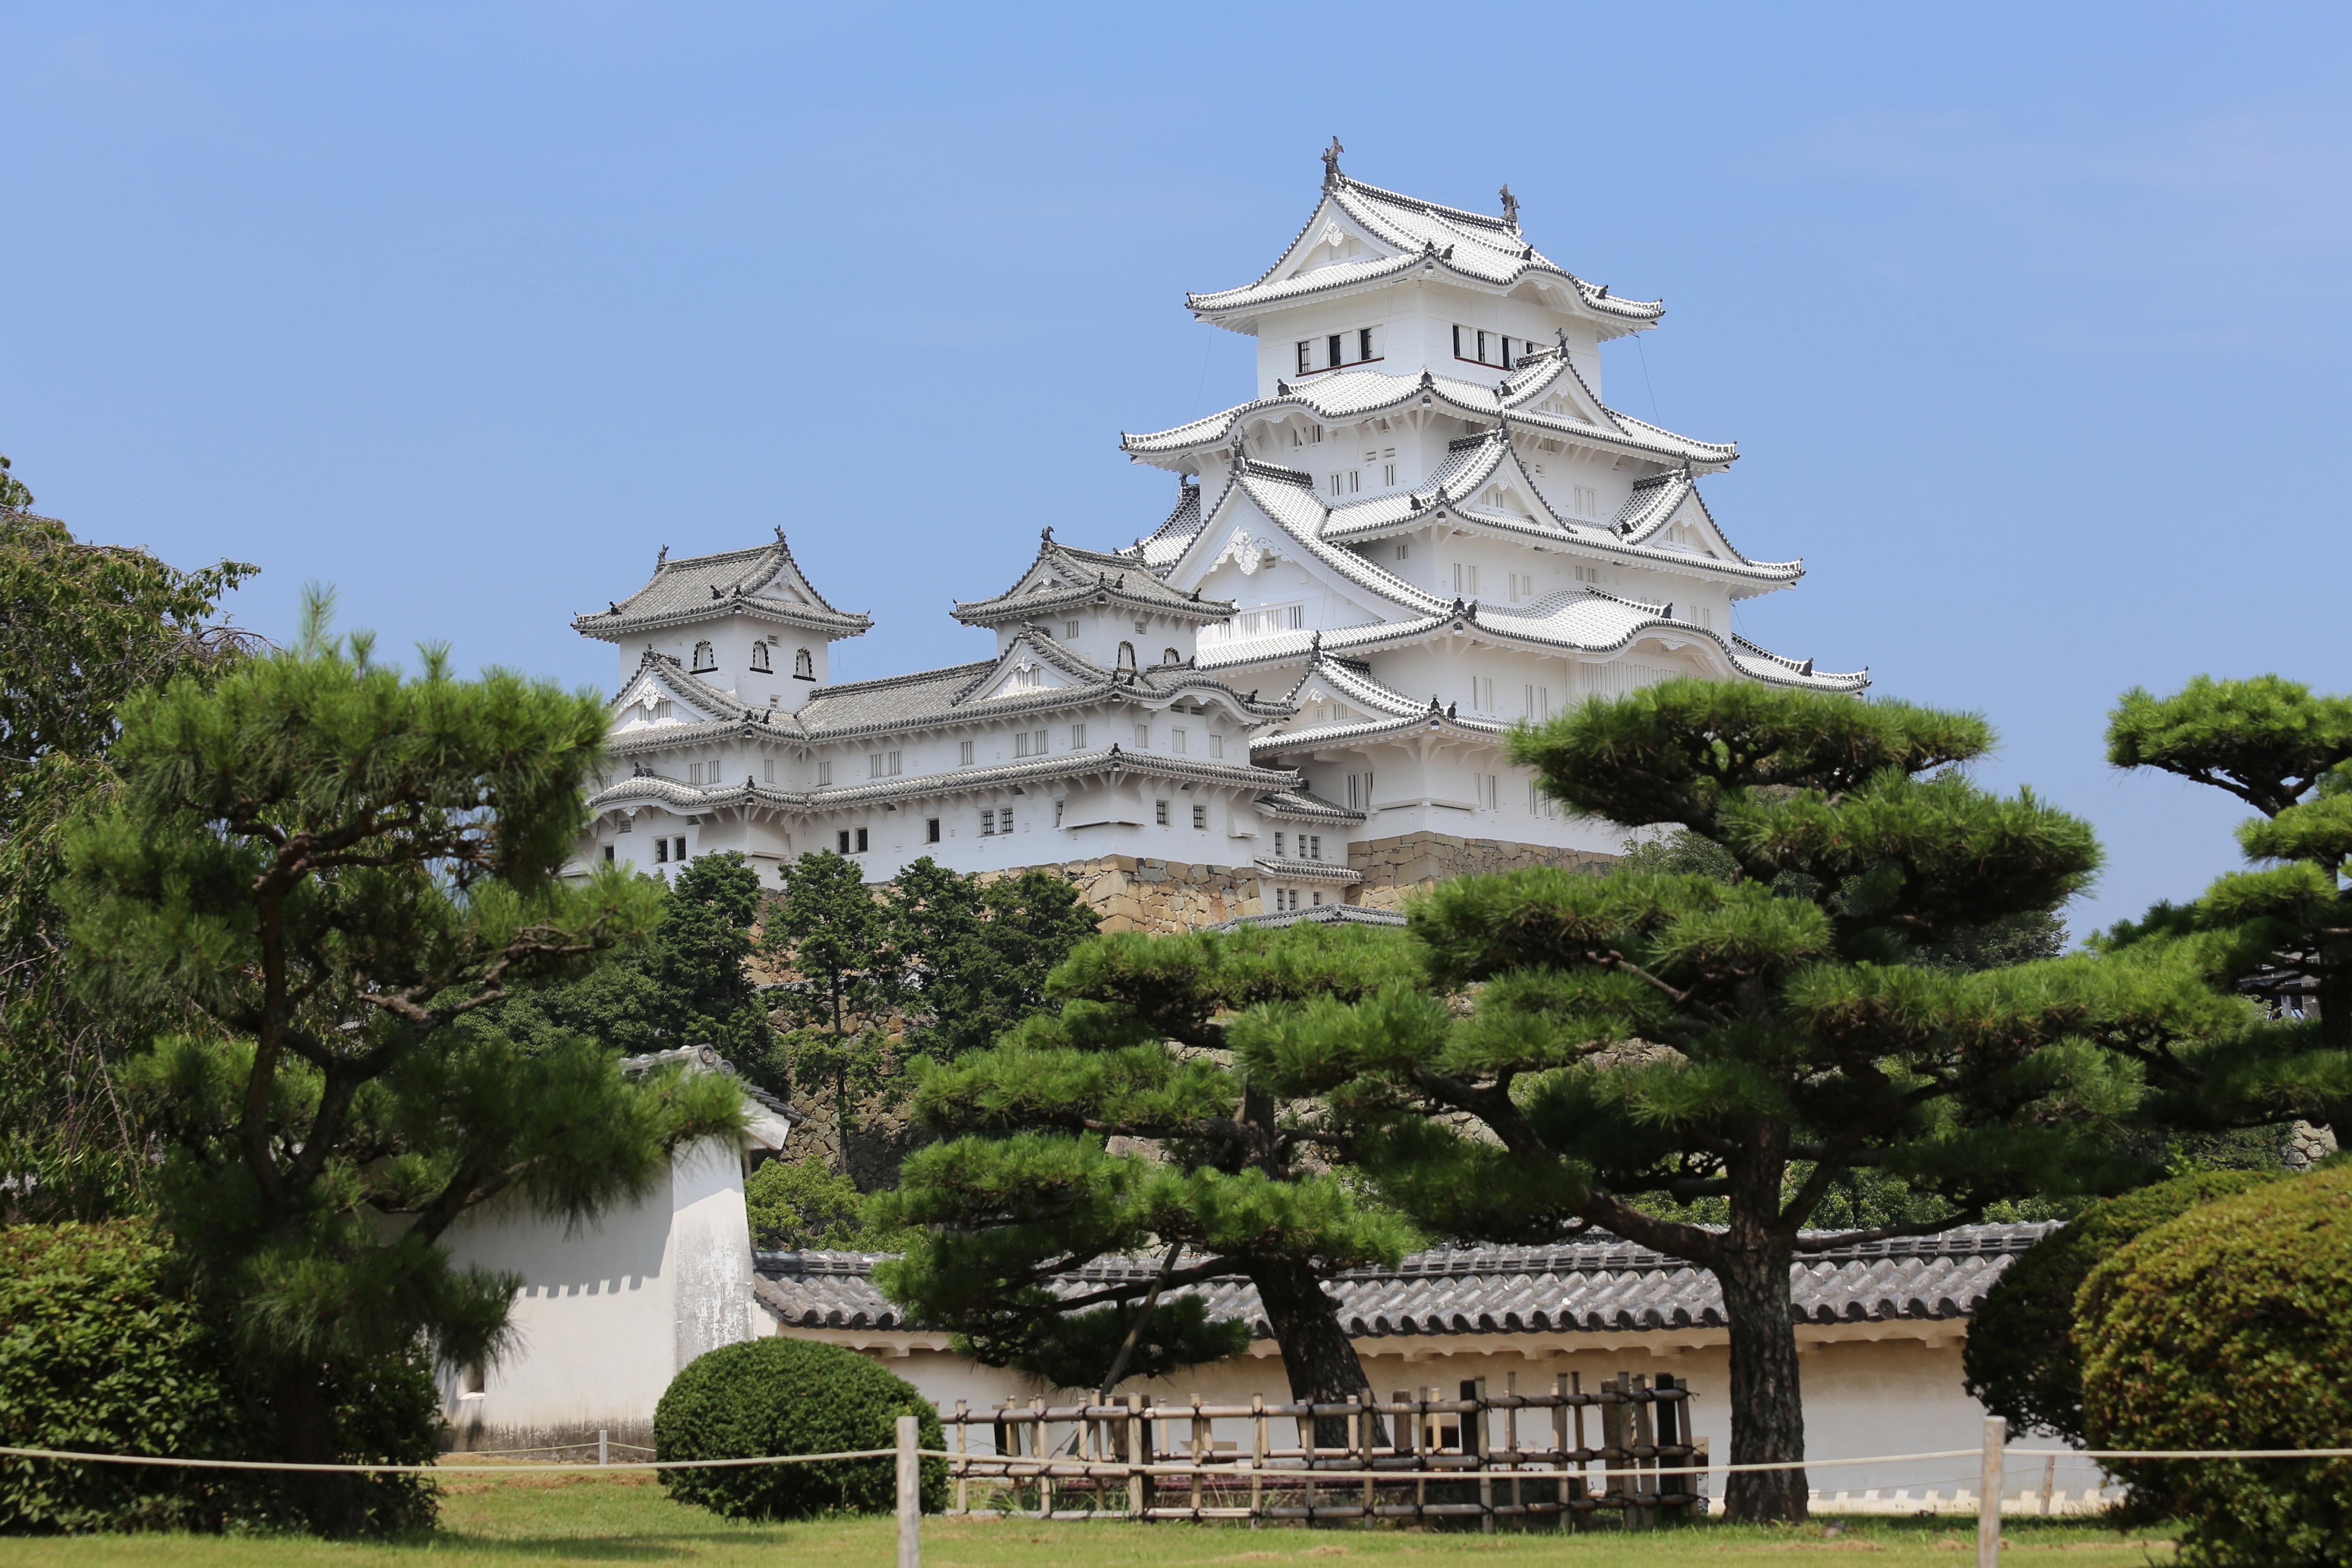 姫路周辺で子供と1日遊べるおすすめお出かけスポット10選!お城以外にも魅力がいっぱい!